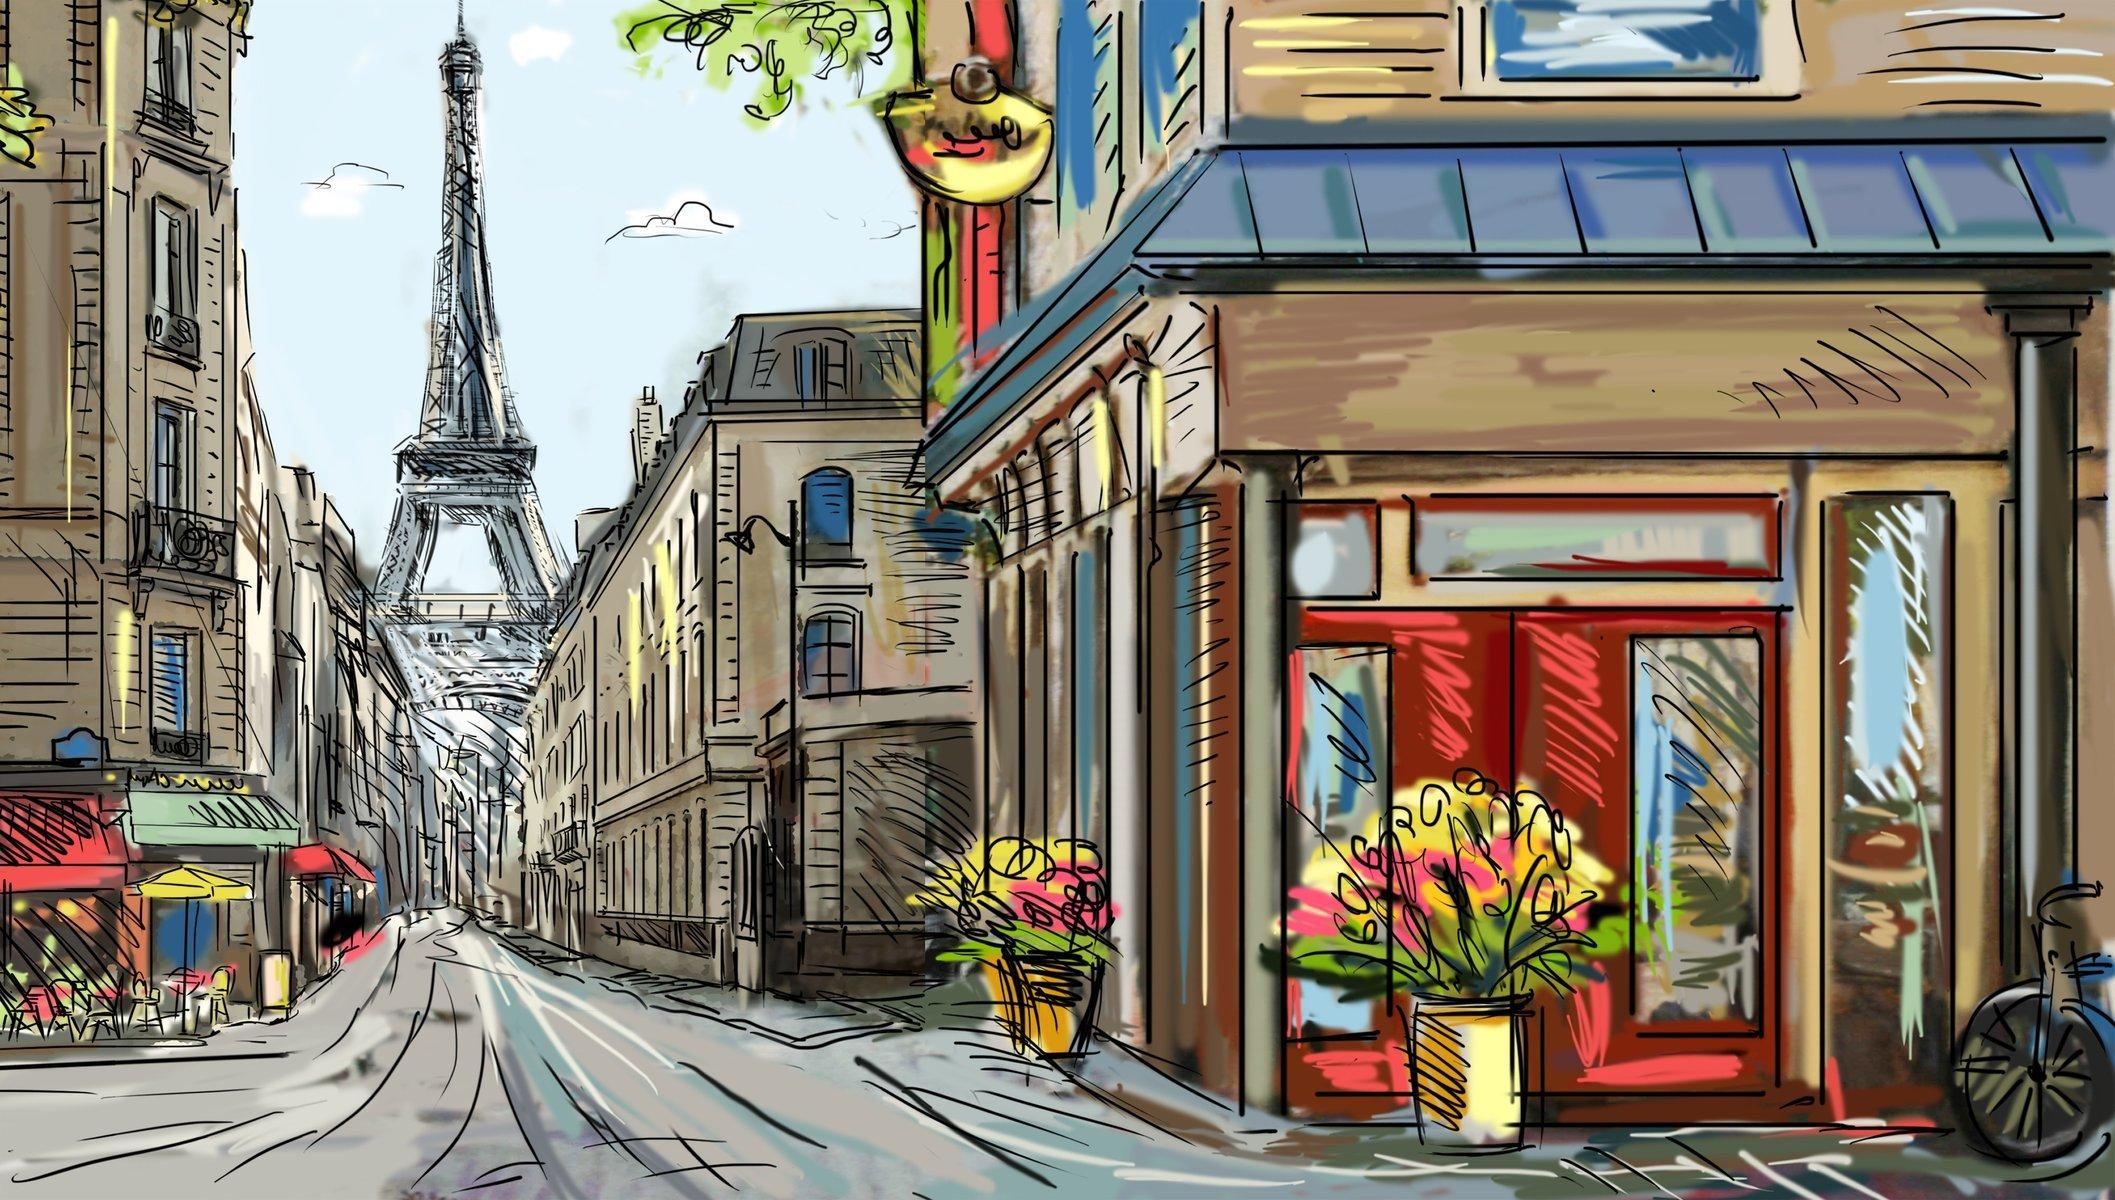 Картинки с рисунком города, собачками смешные